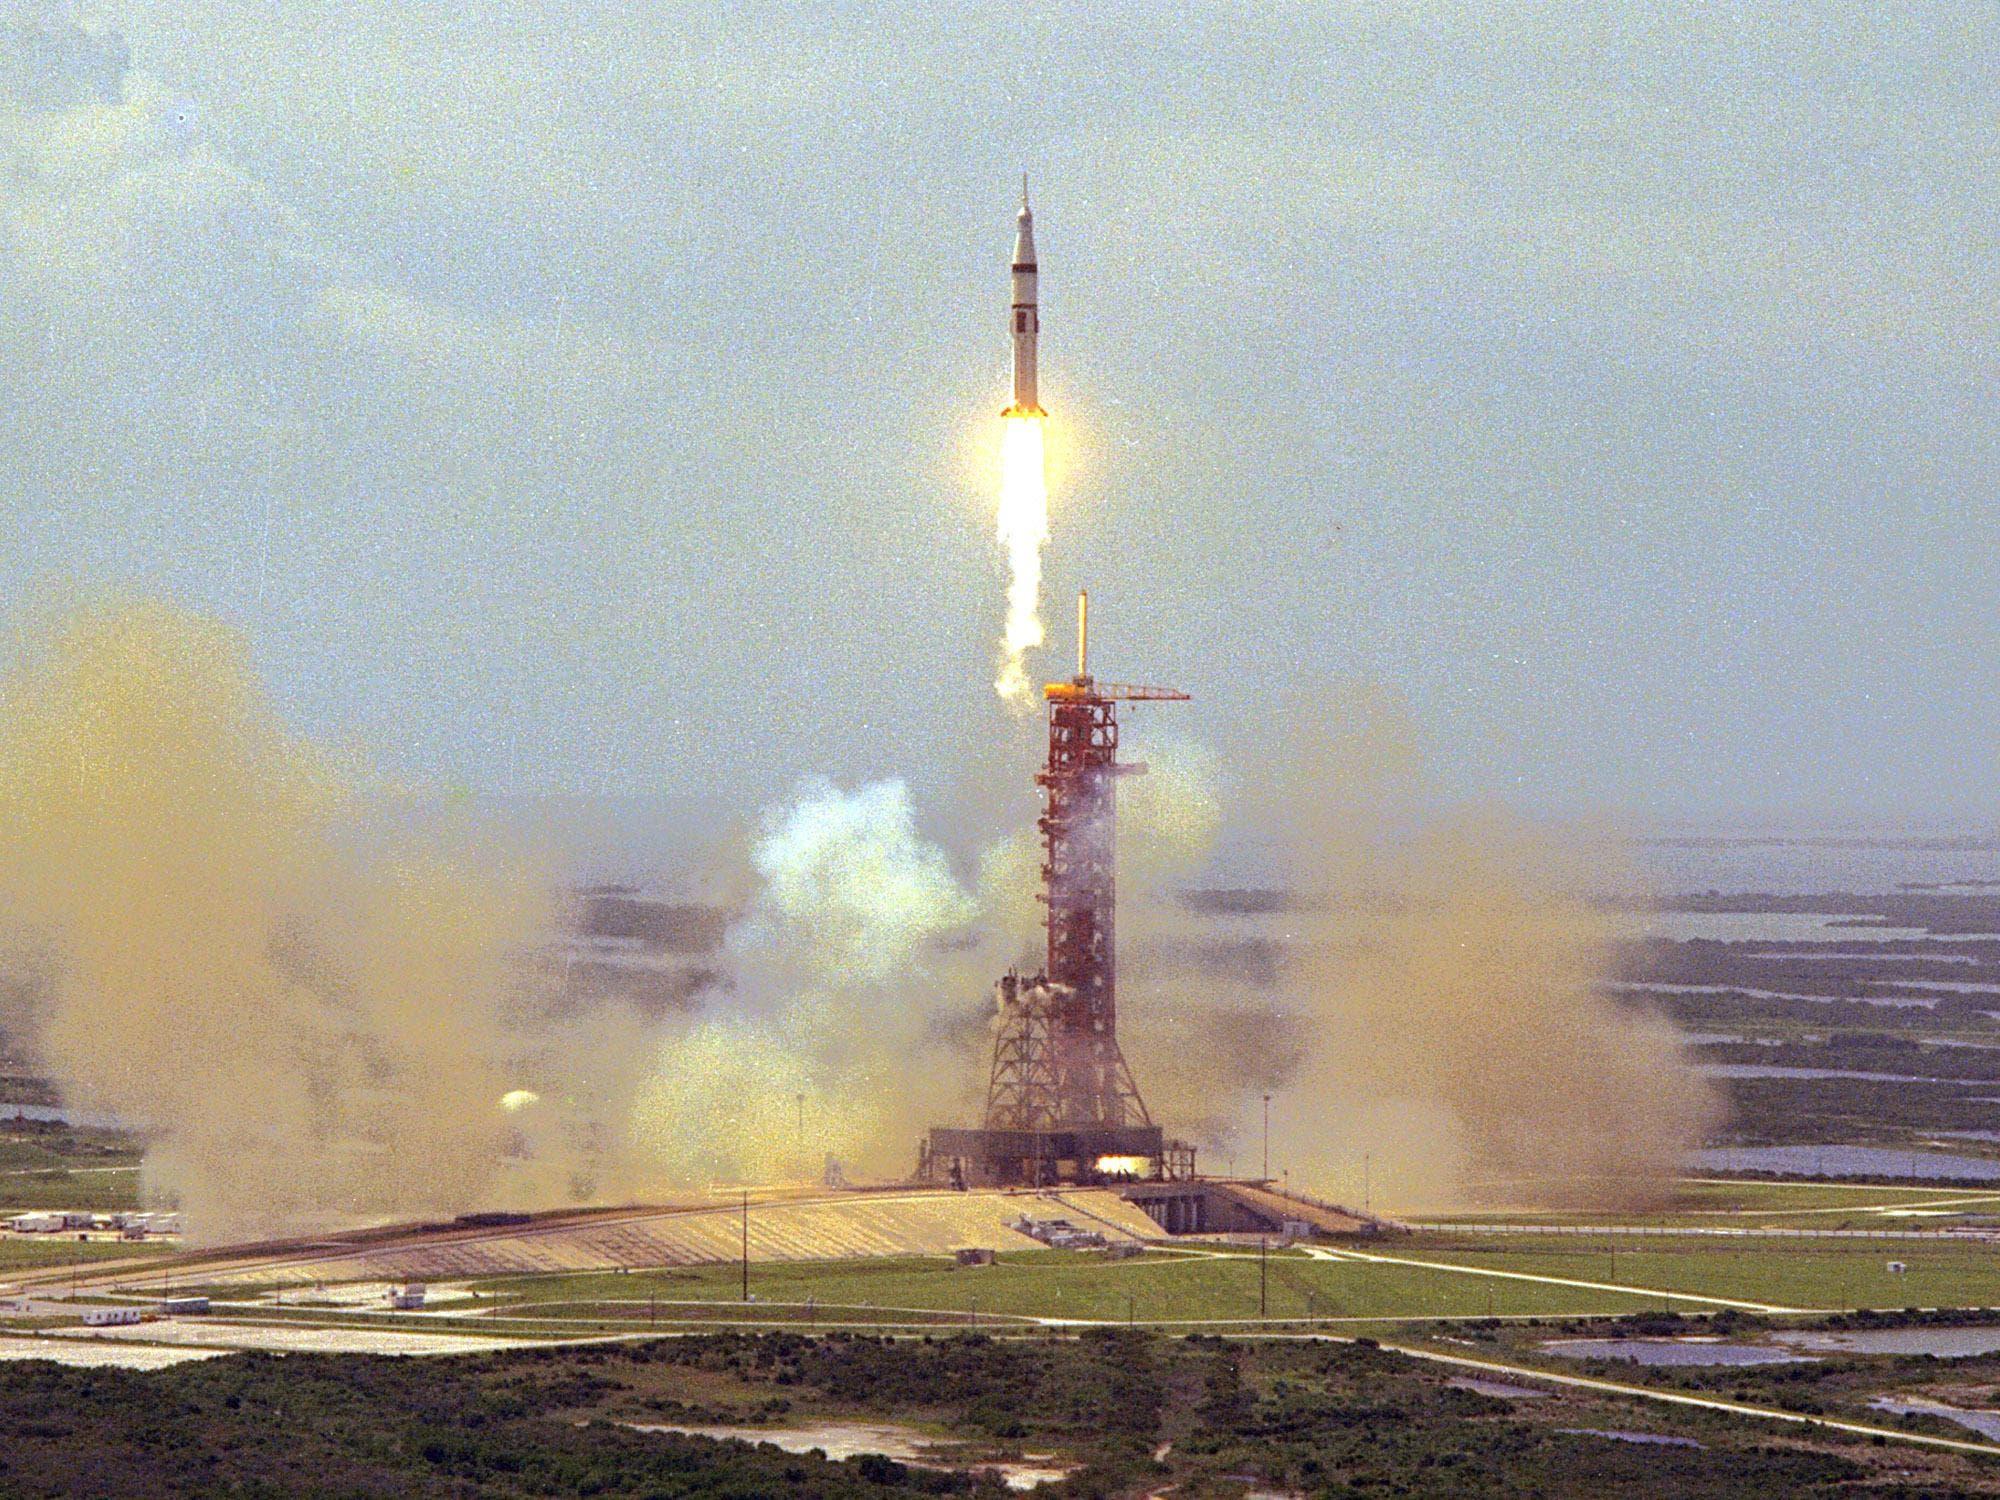 صورة تجسد لحظة إطلاق أبولو في 15 تموز يوليو 1975